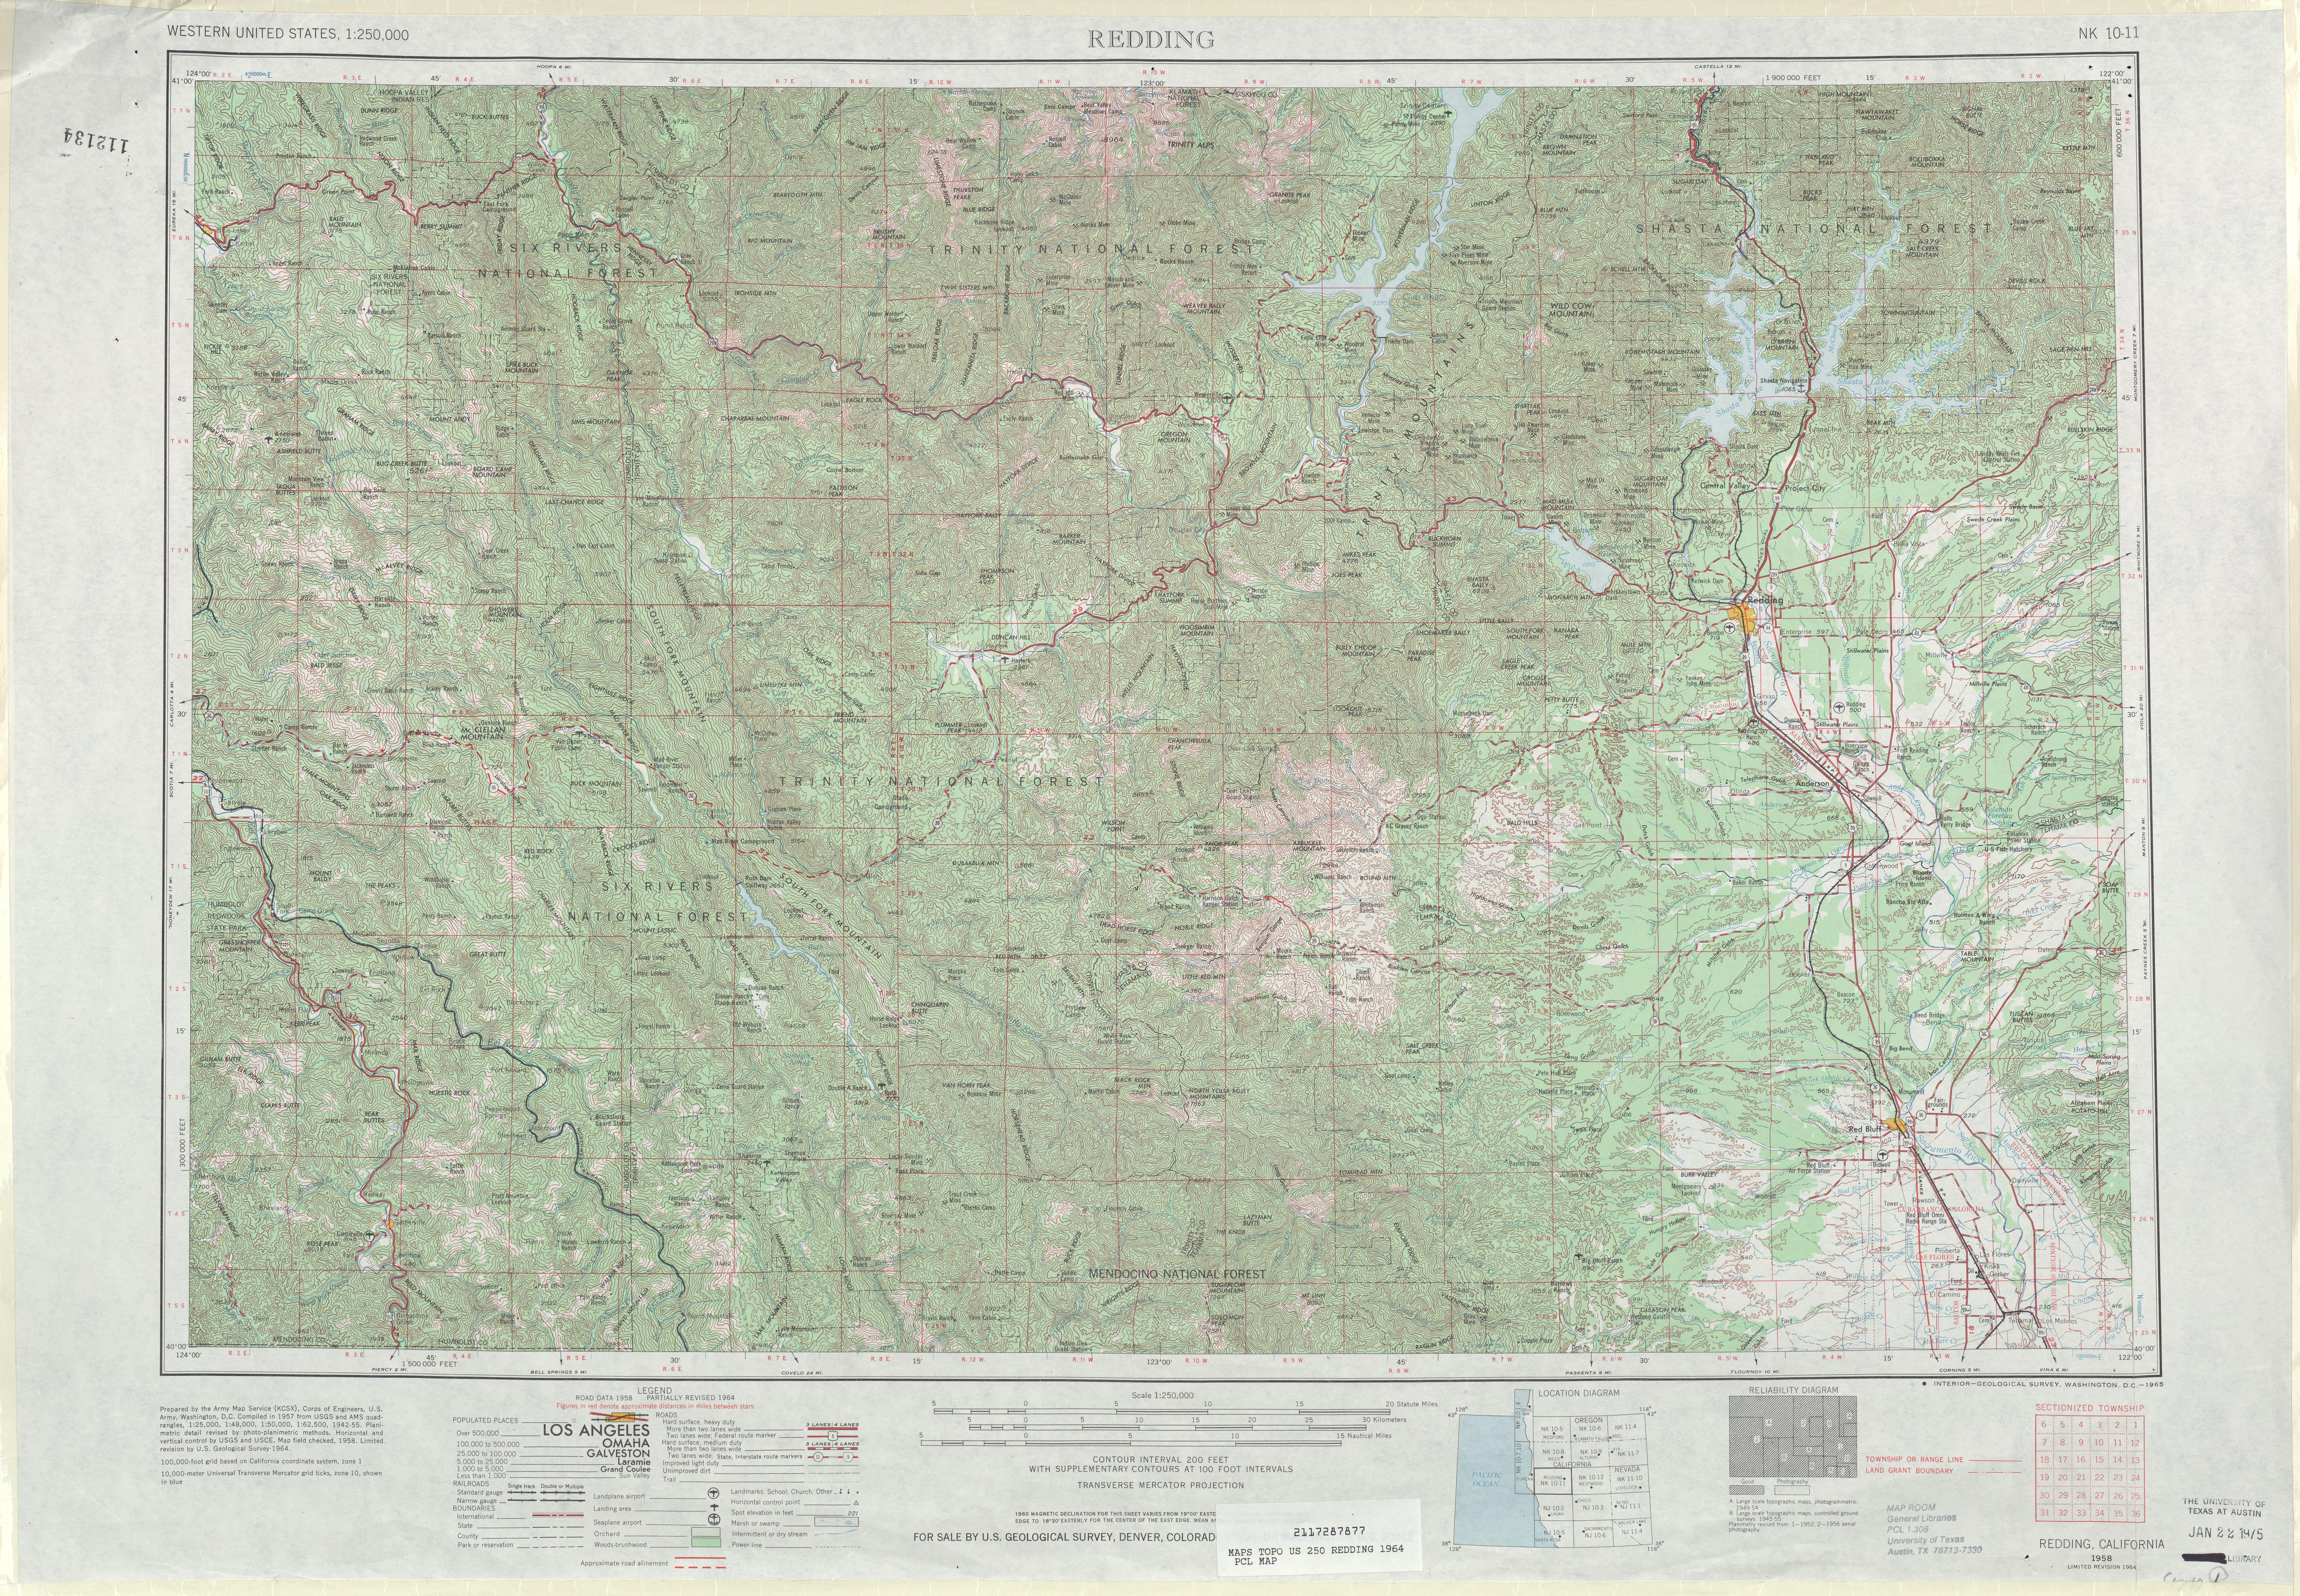 Hoja Redding del Mapa Topográfico de los Estados Unidos 1964